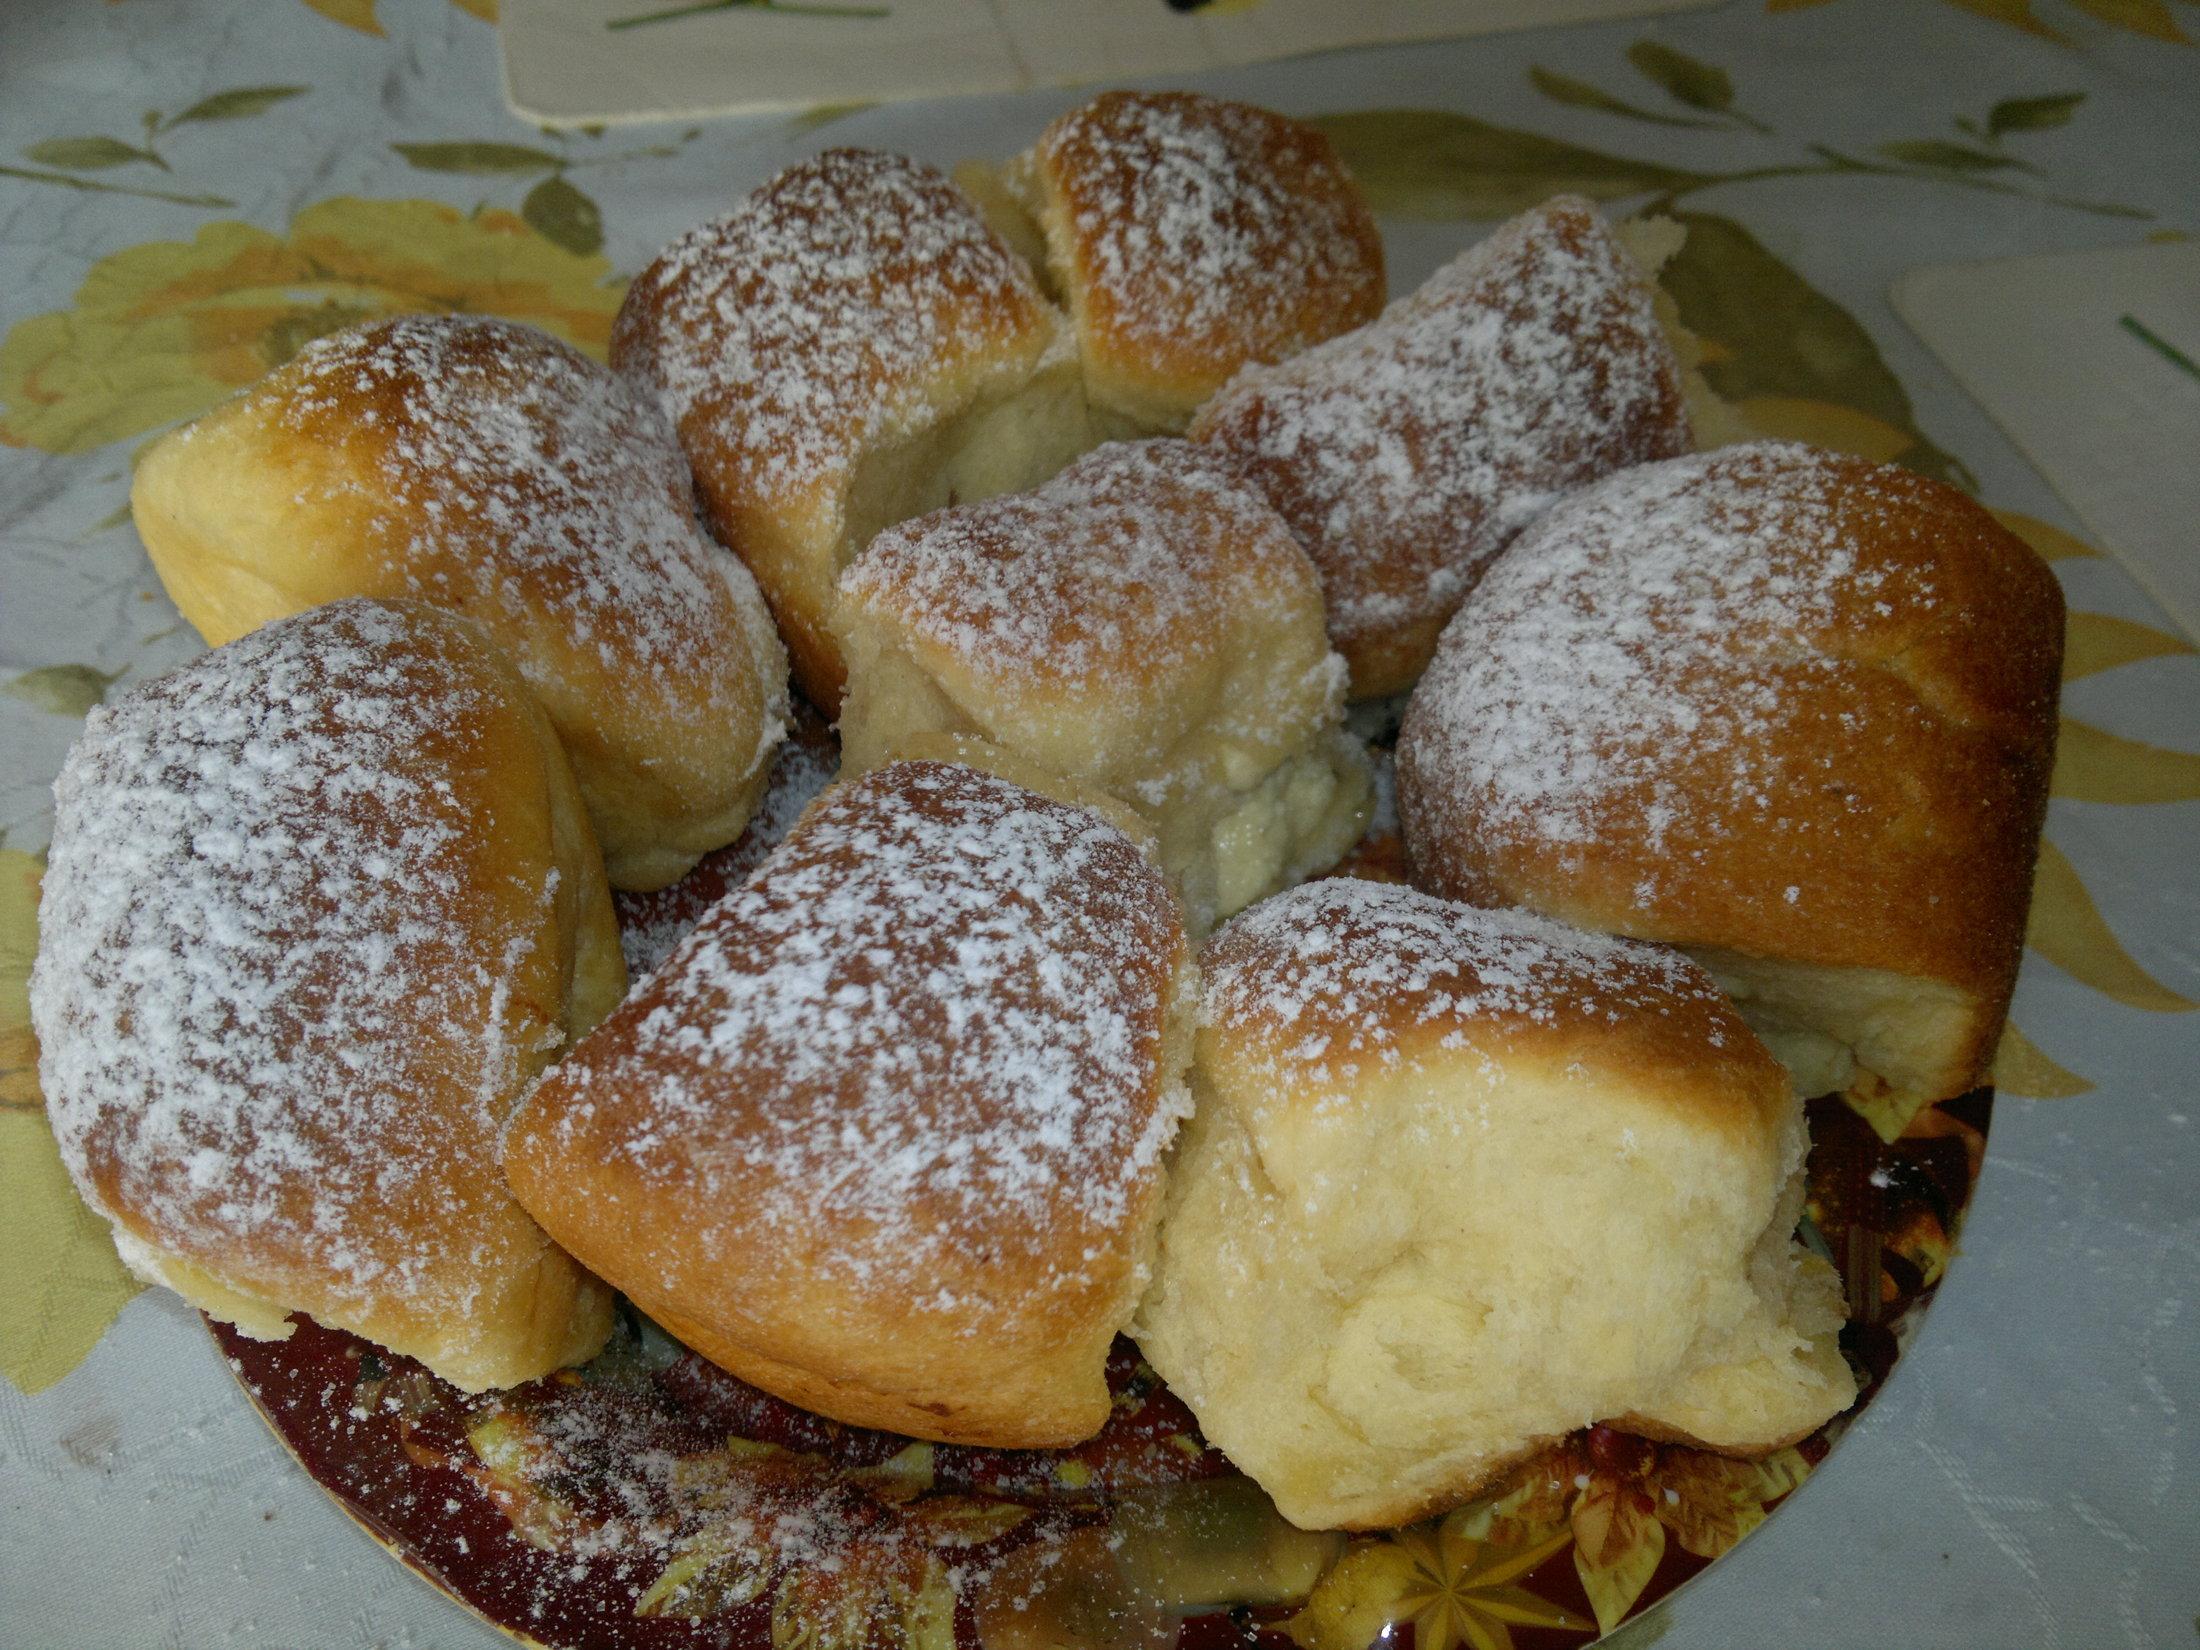 Recept Honzovy buchty - Honzovy buchty